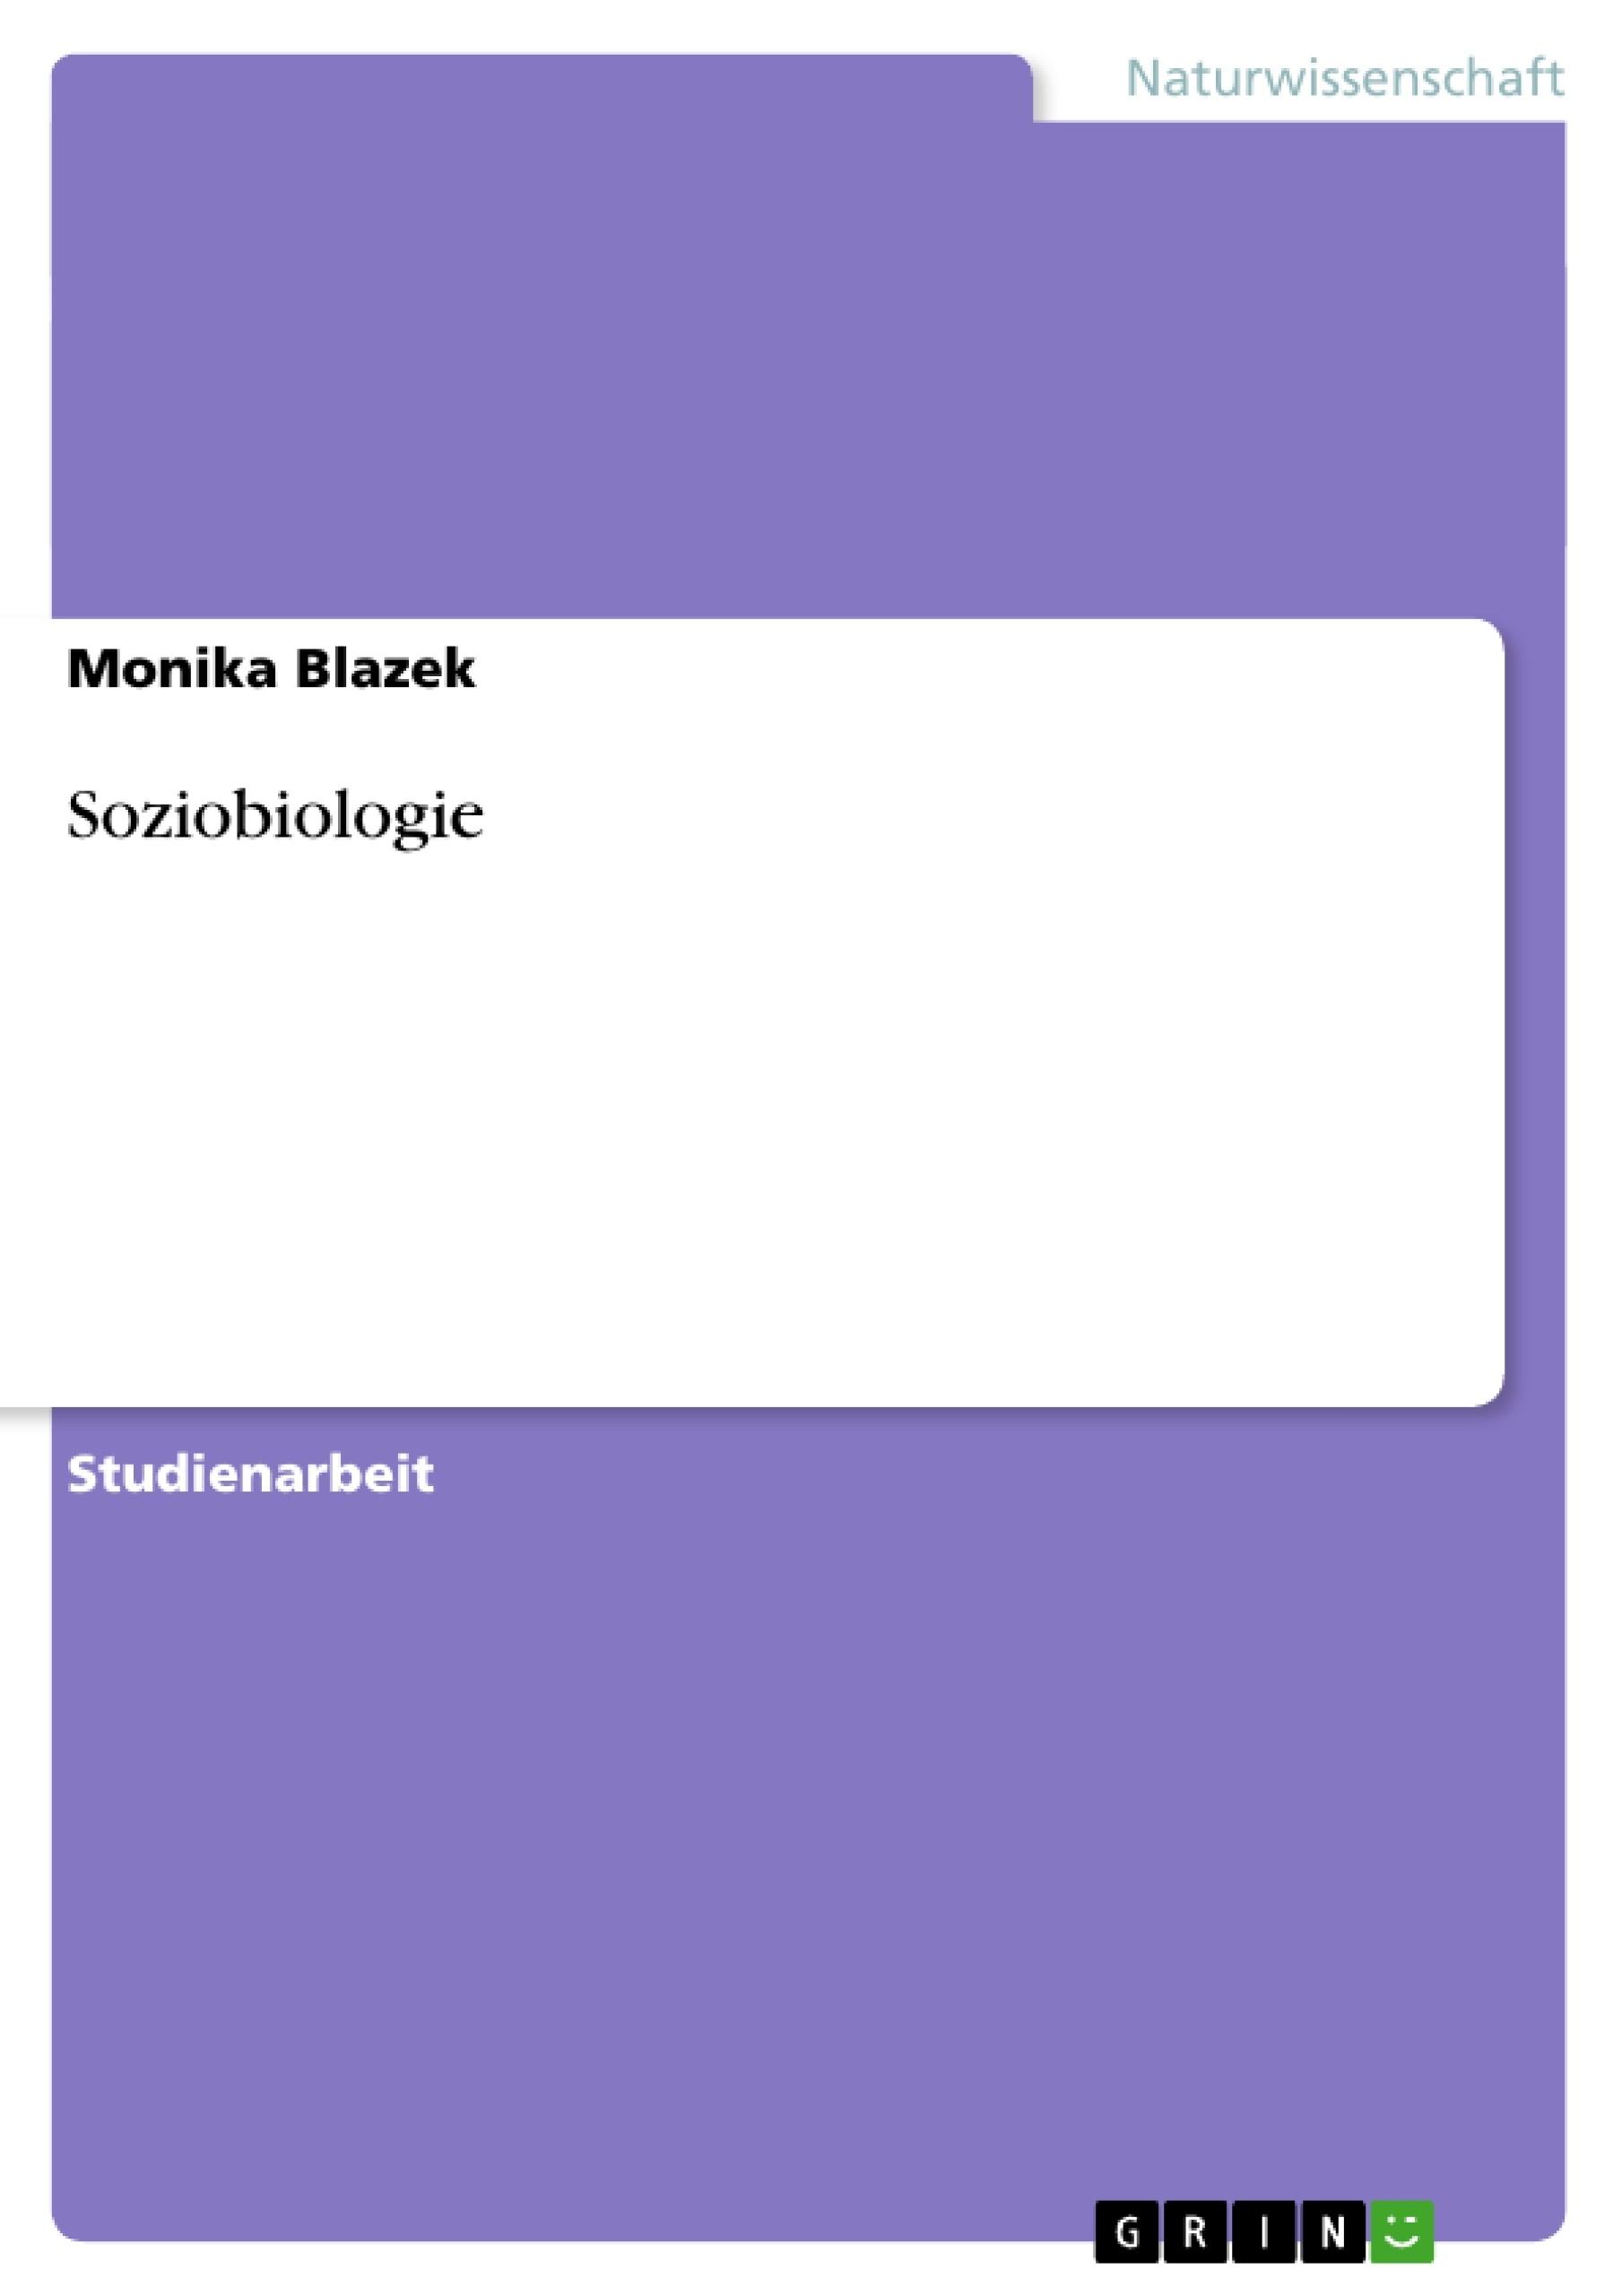 Titel: Soziobiologie